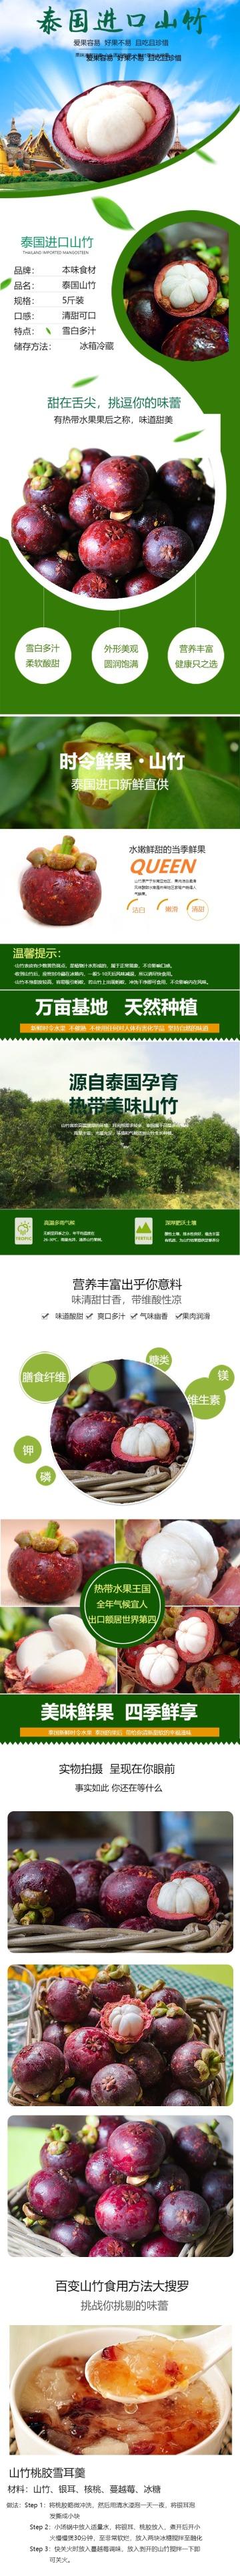 清新自然百货零售生鲜水果山竹促销电商详情页